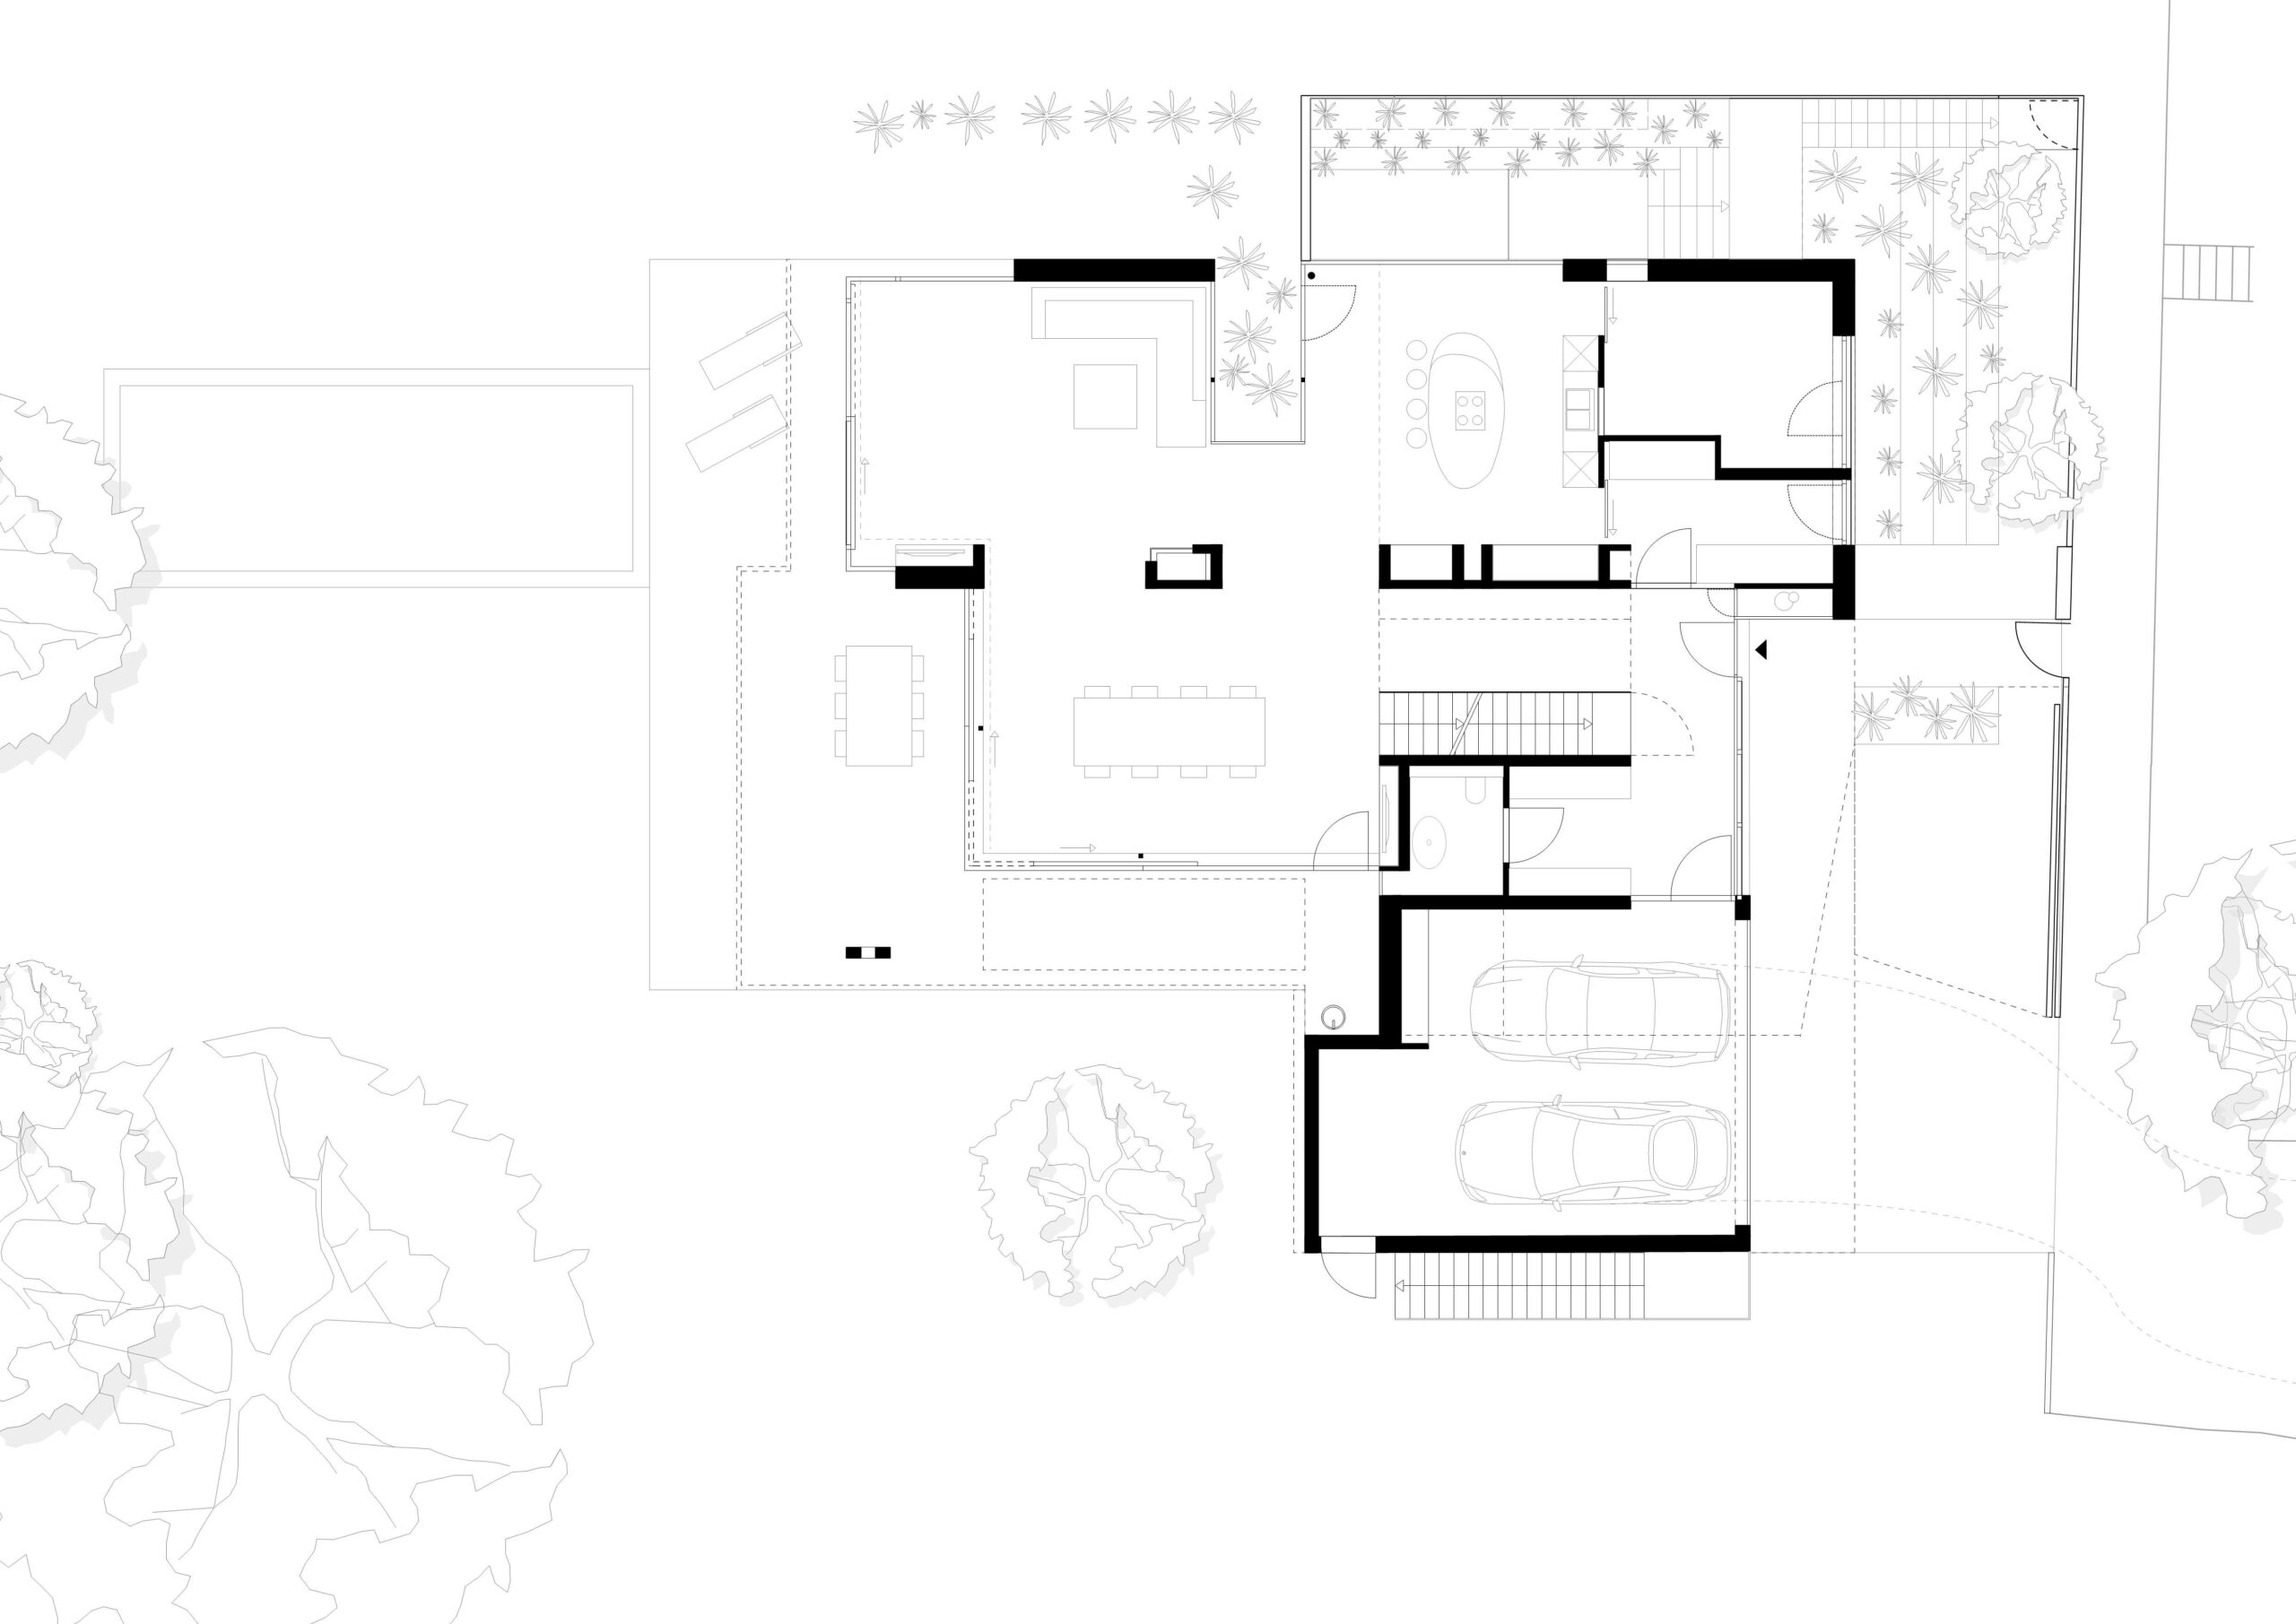 296_Grundriss_Erdgeschoss_Villa_P_FFM_ARCHITEKTEN